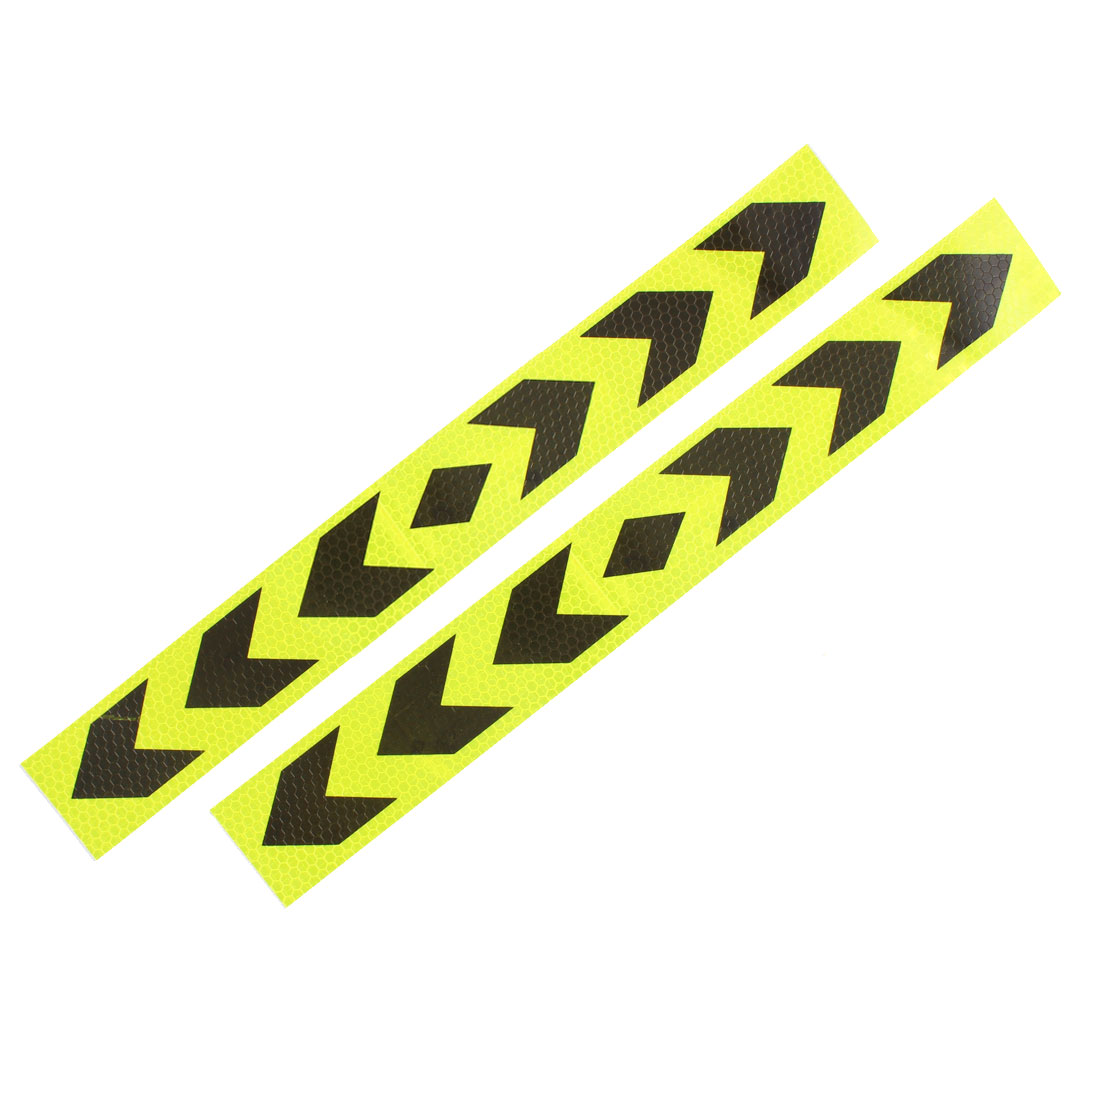 X autohaux 2 предмета стрелки печатные самоклеющиеся Тип автомобиль светоотражающие Предупреждение знак Стикеры Клейкие ленты Желтый Черный